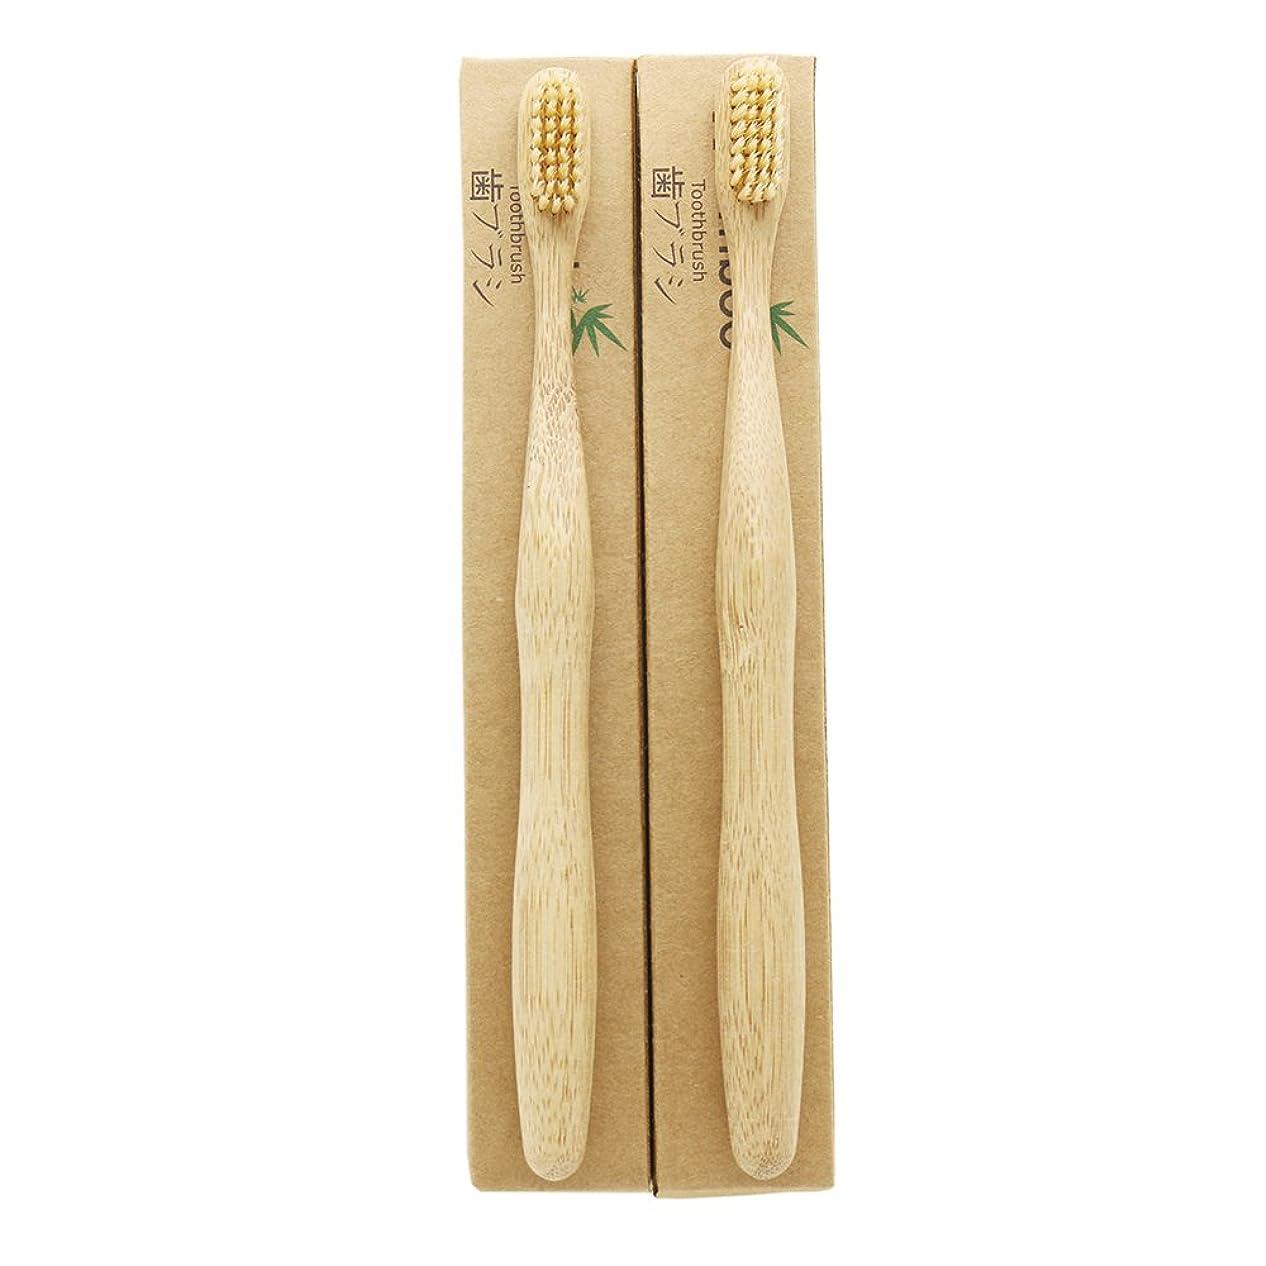 排出名声洗剤N-amboo 竹製耐久度高い 歯ブラシ ハンドル大きい 2本入りセット ベージュ